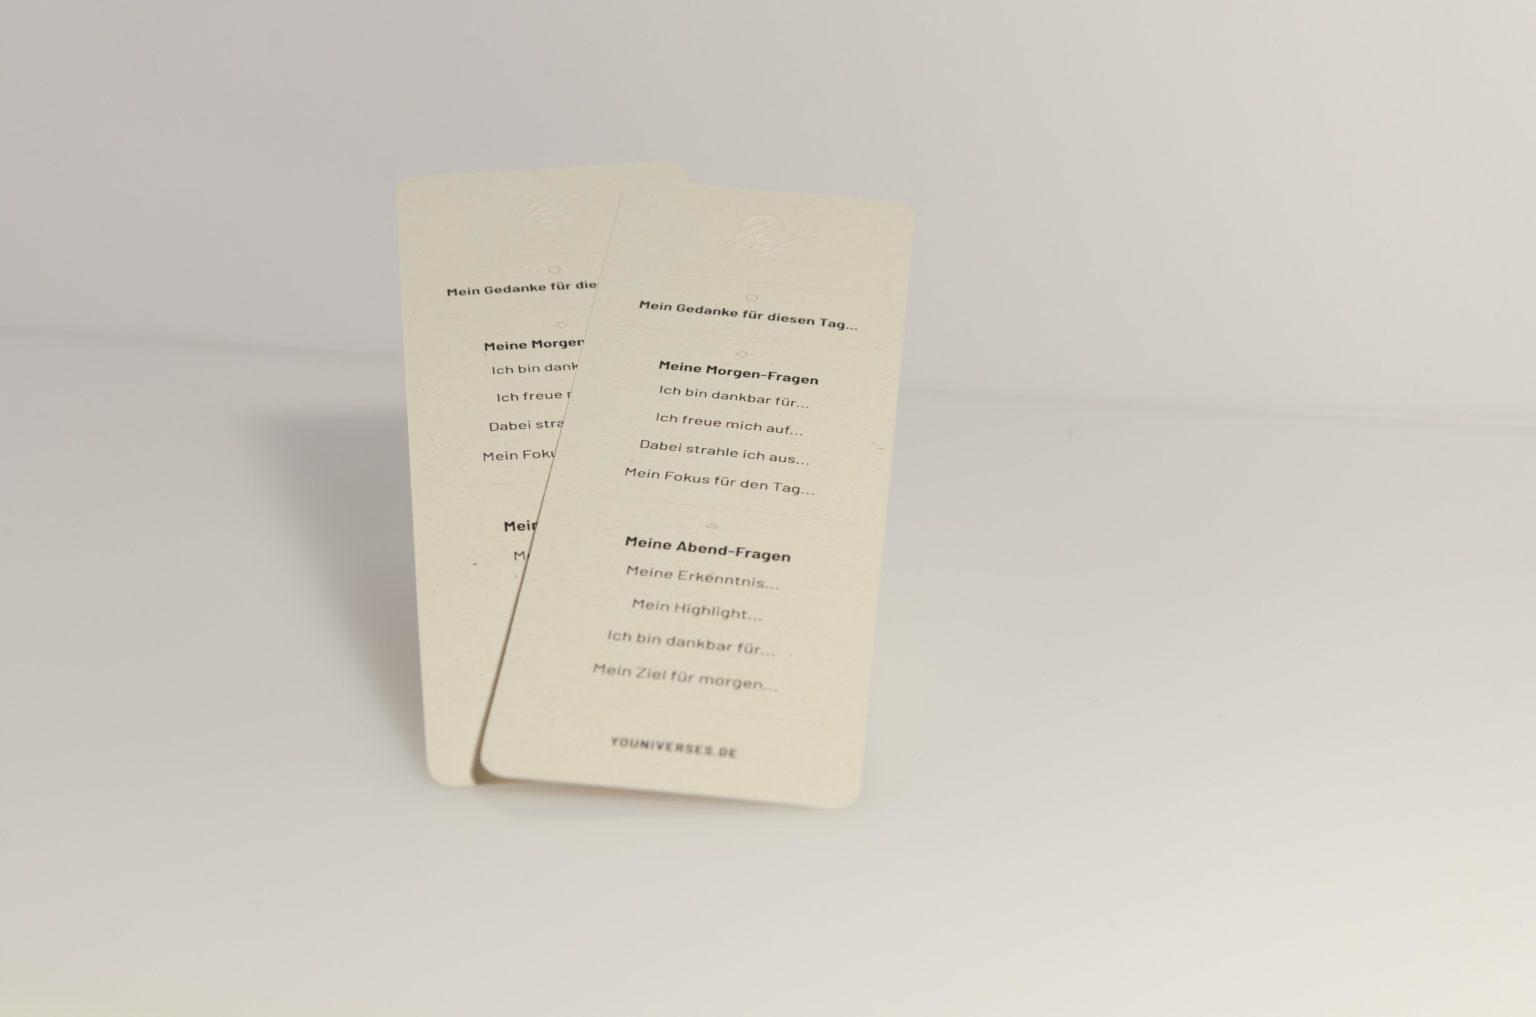 Yournaling-Lesezeichen, Journaling-Tool, Dankbarkeitroutine, • Material: Birkenholz • Eine Intentions für den Tag • Acht Dankbarkeits-Fragen • Maße 7,4 x 17 cm